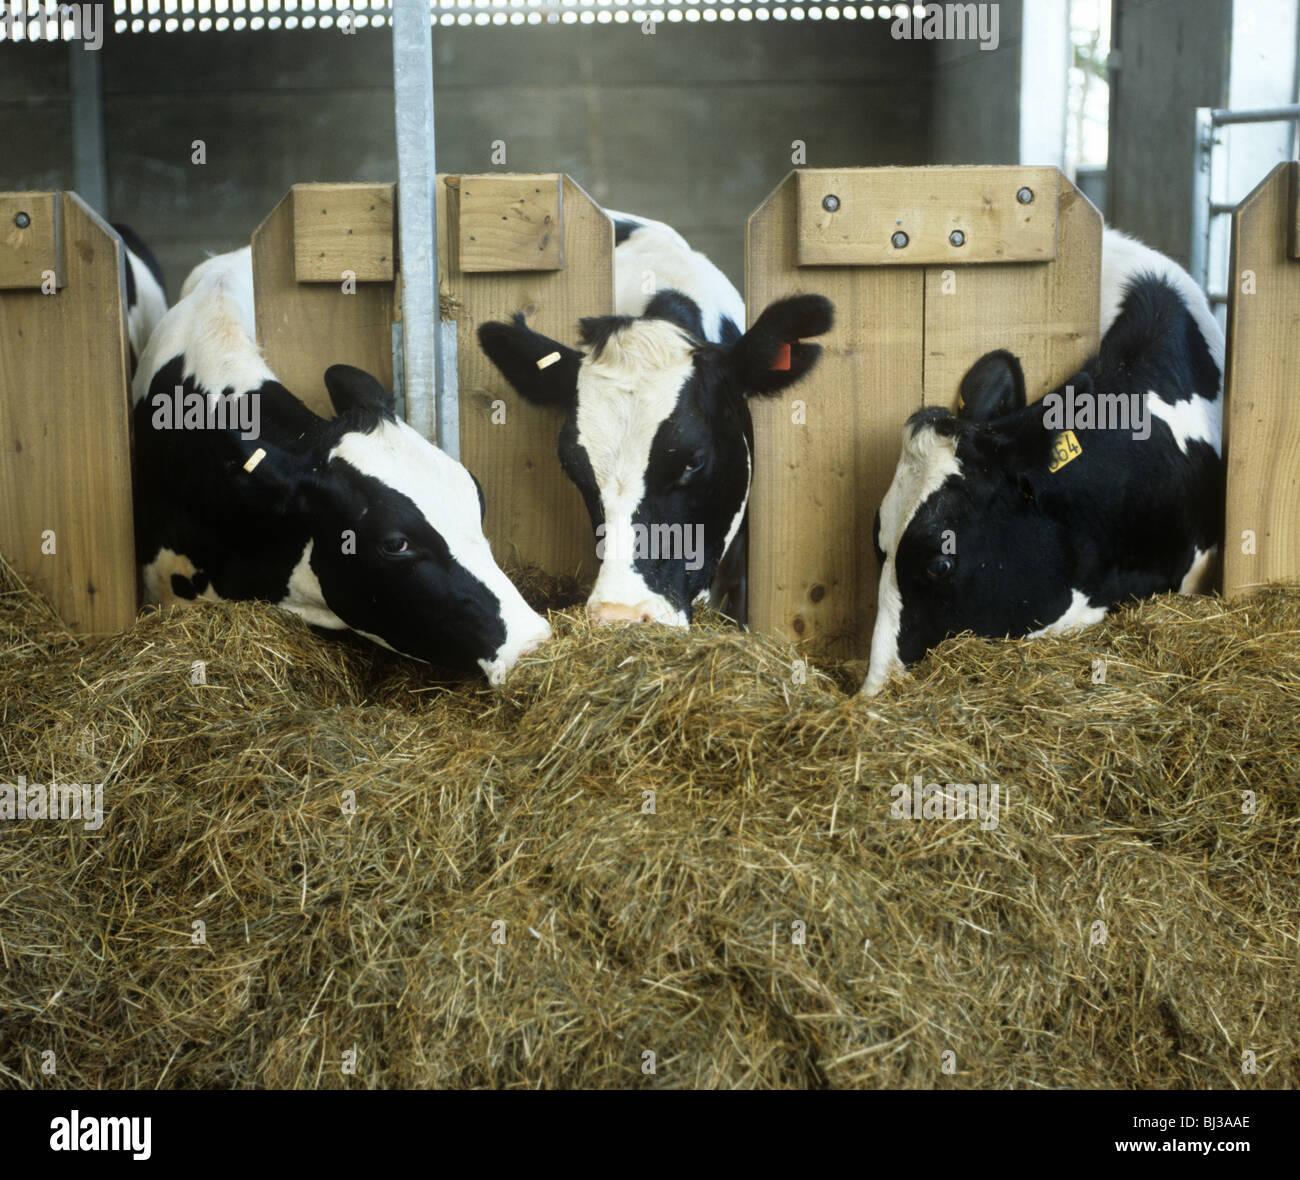 Tres vacas Holstein Friesian en la moderna casa de ganado en el ensilaje de alimentación a través de un Imagen De Stock